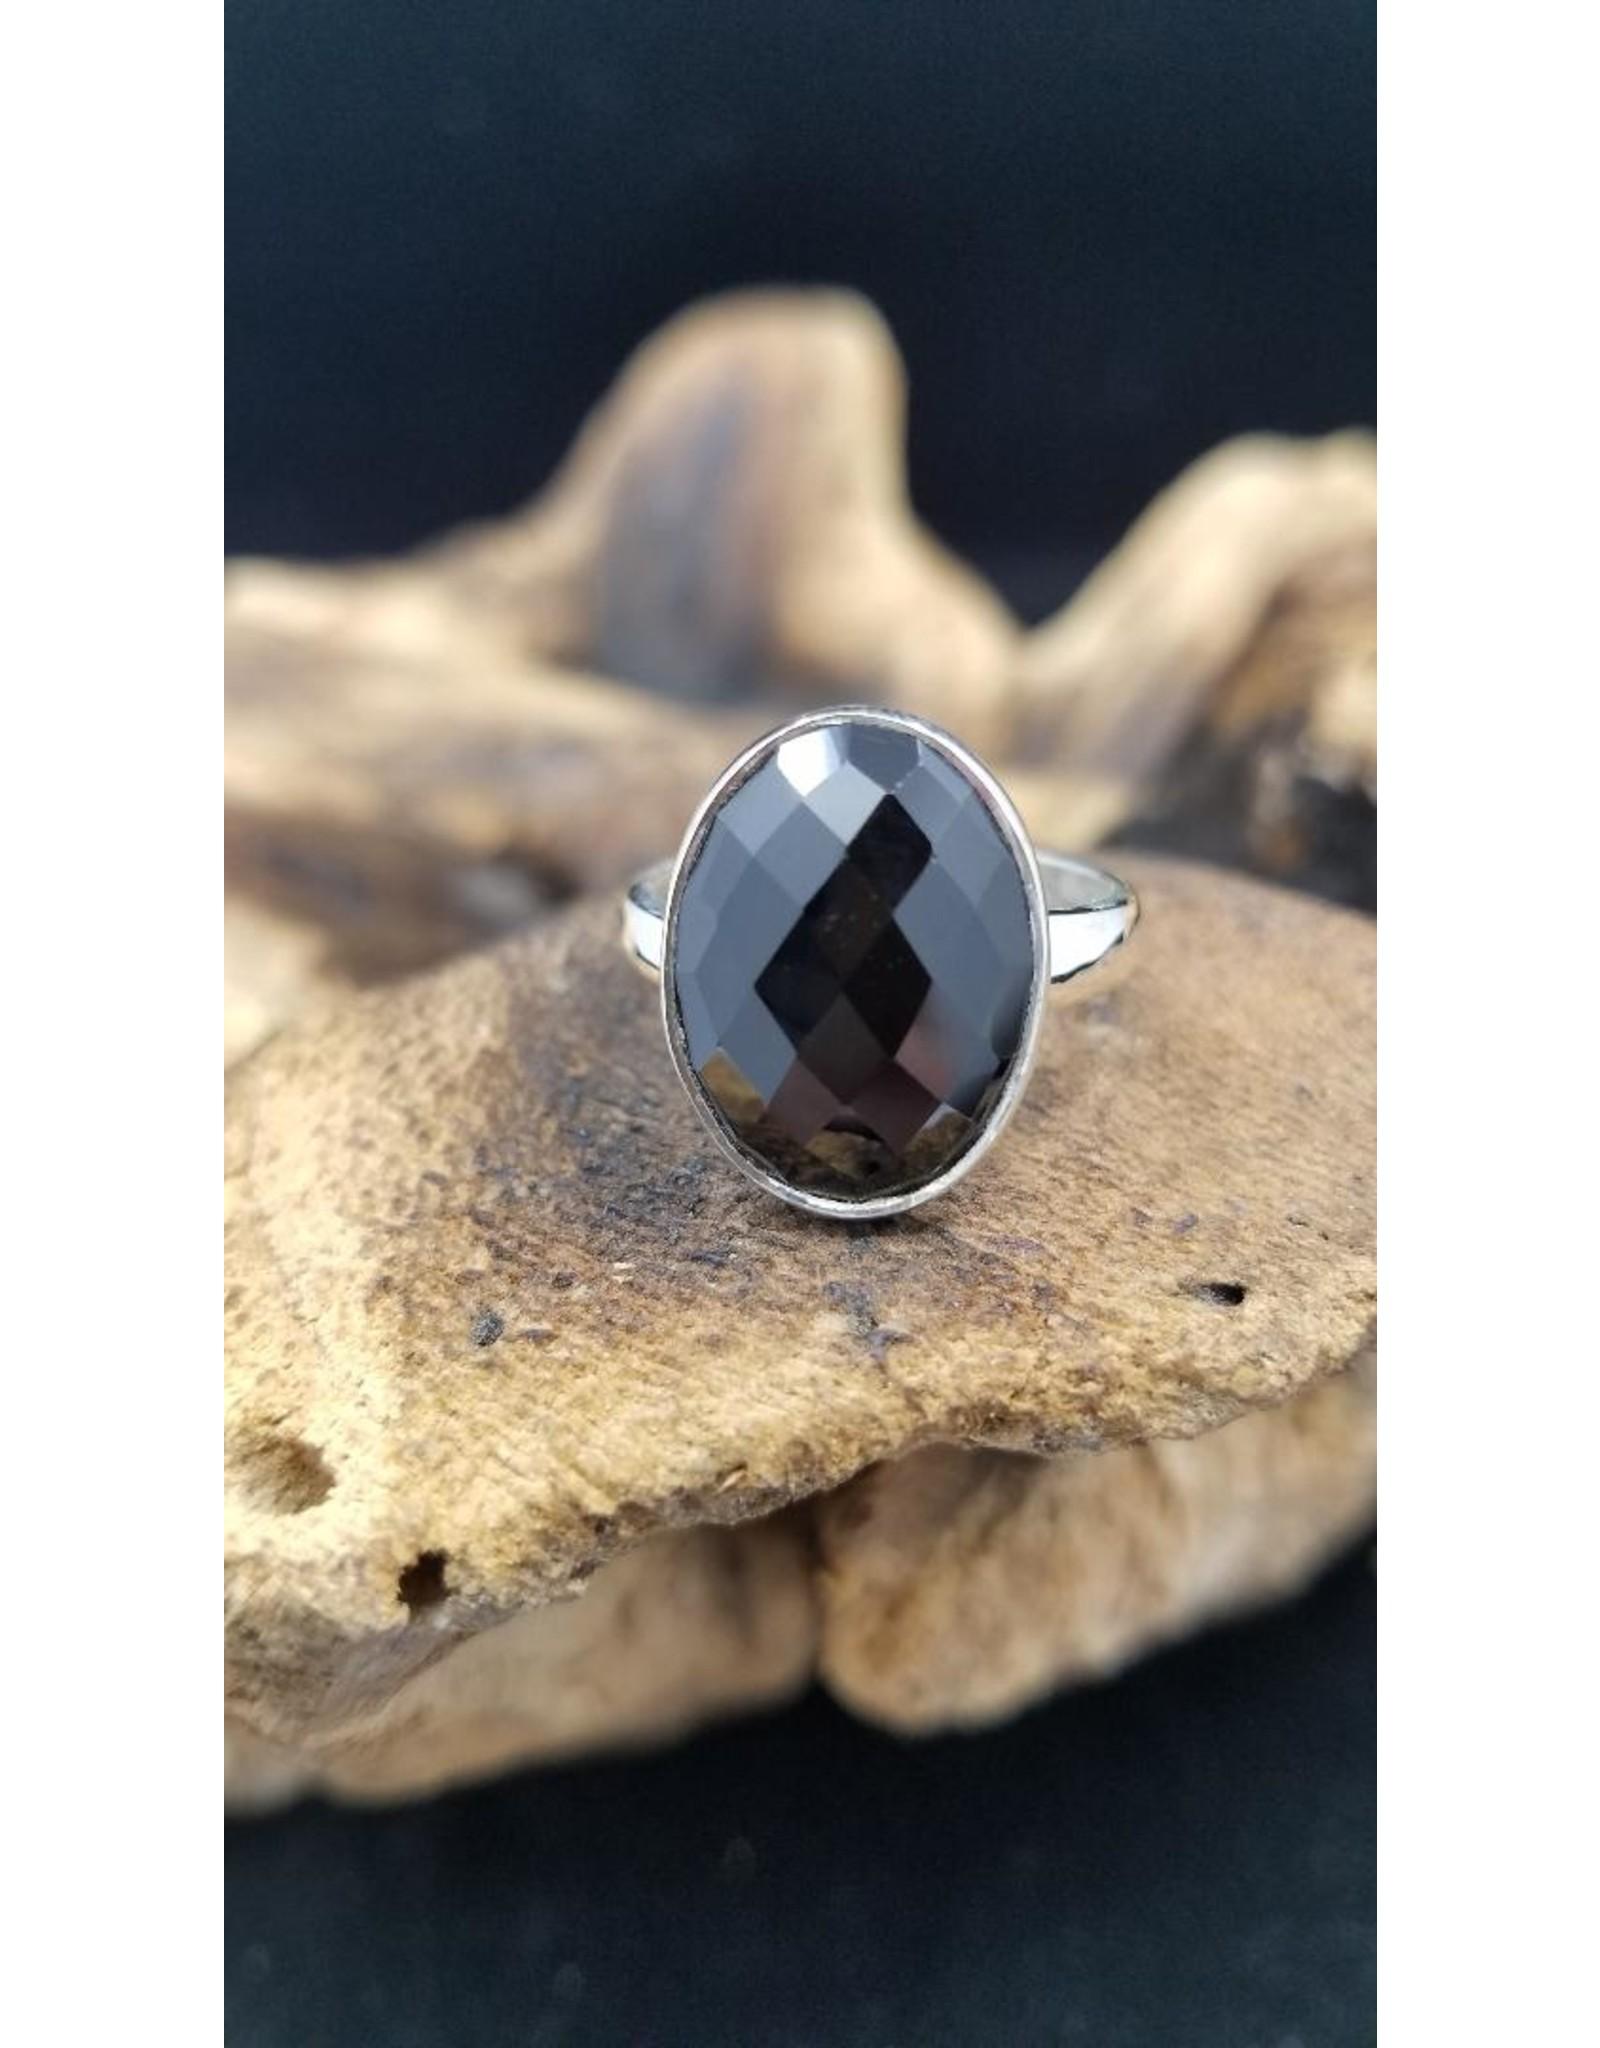 Black Spinel Ring - Adjustable